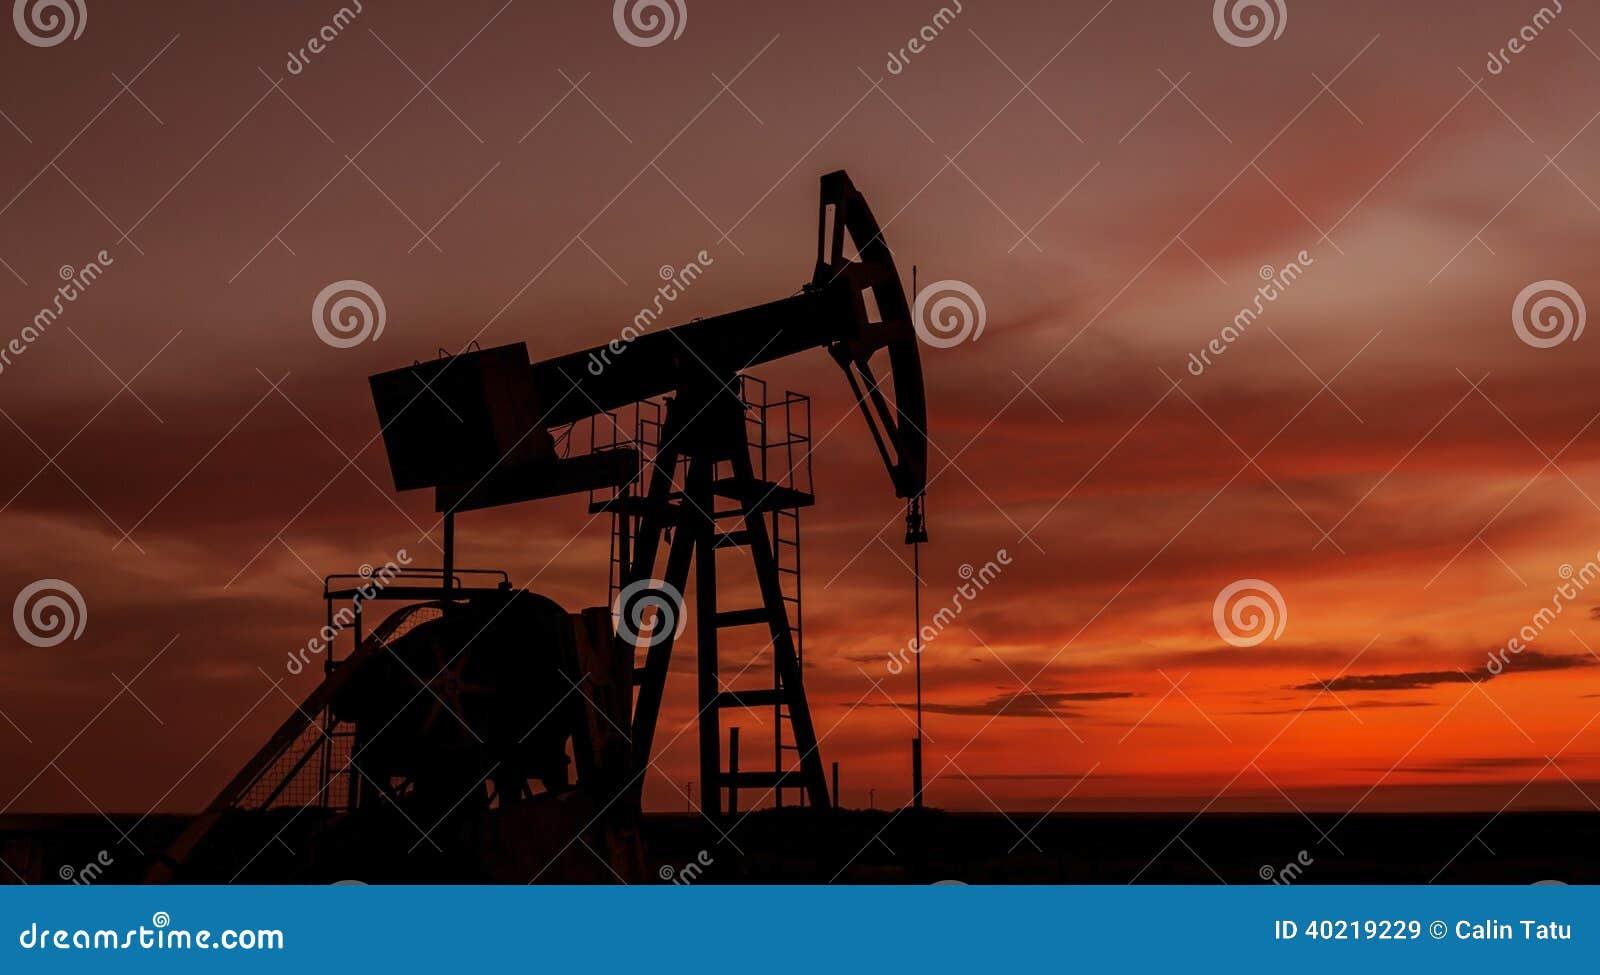 Puits fonctionnant de pétrole et de gaz profilé sur le ciel de coucher du soleil